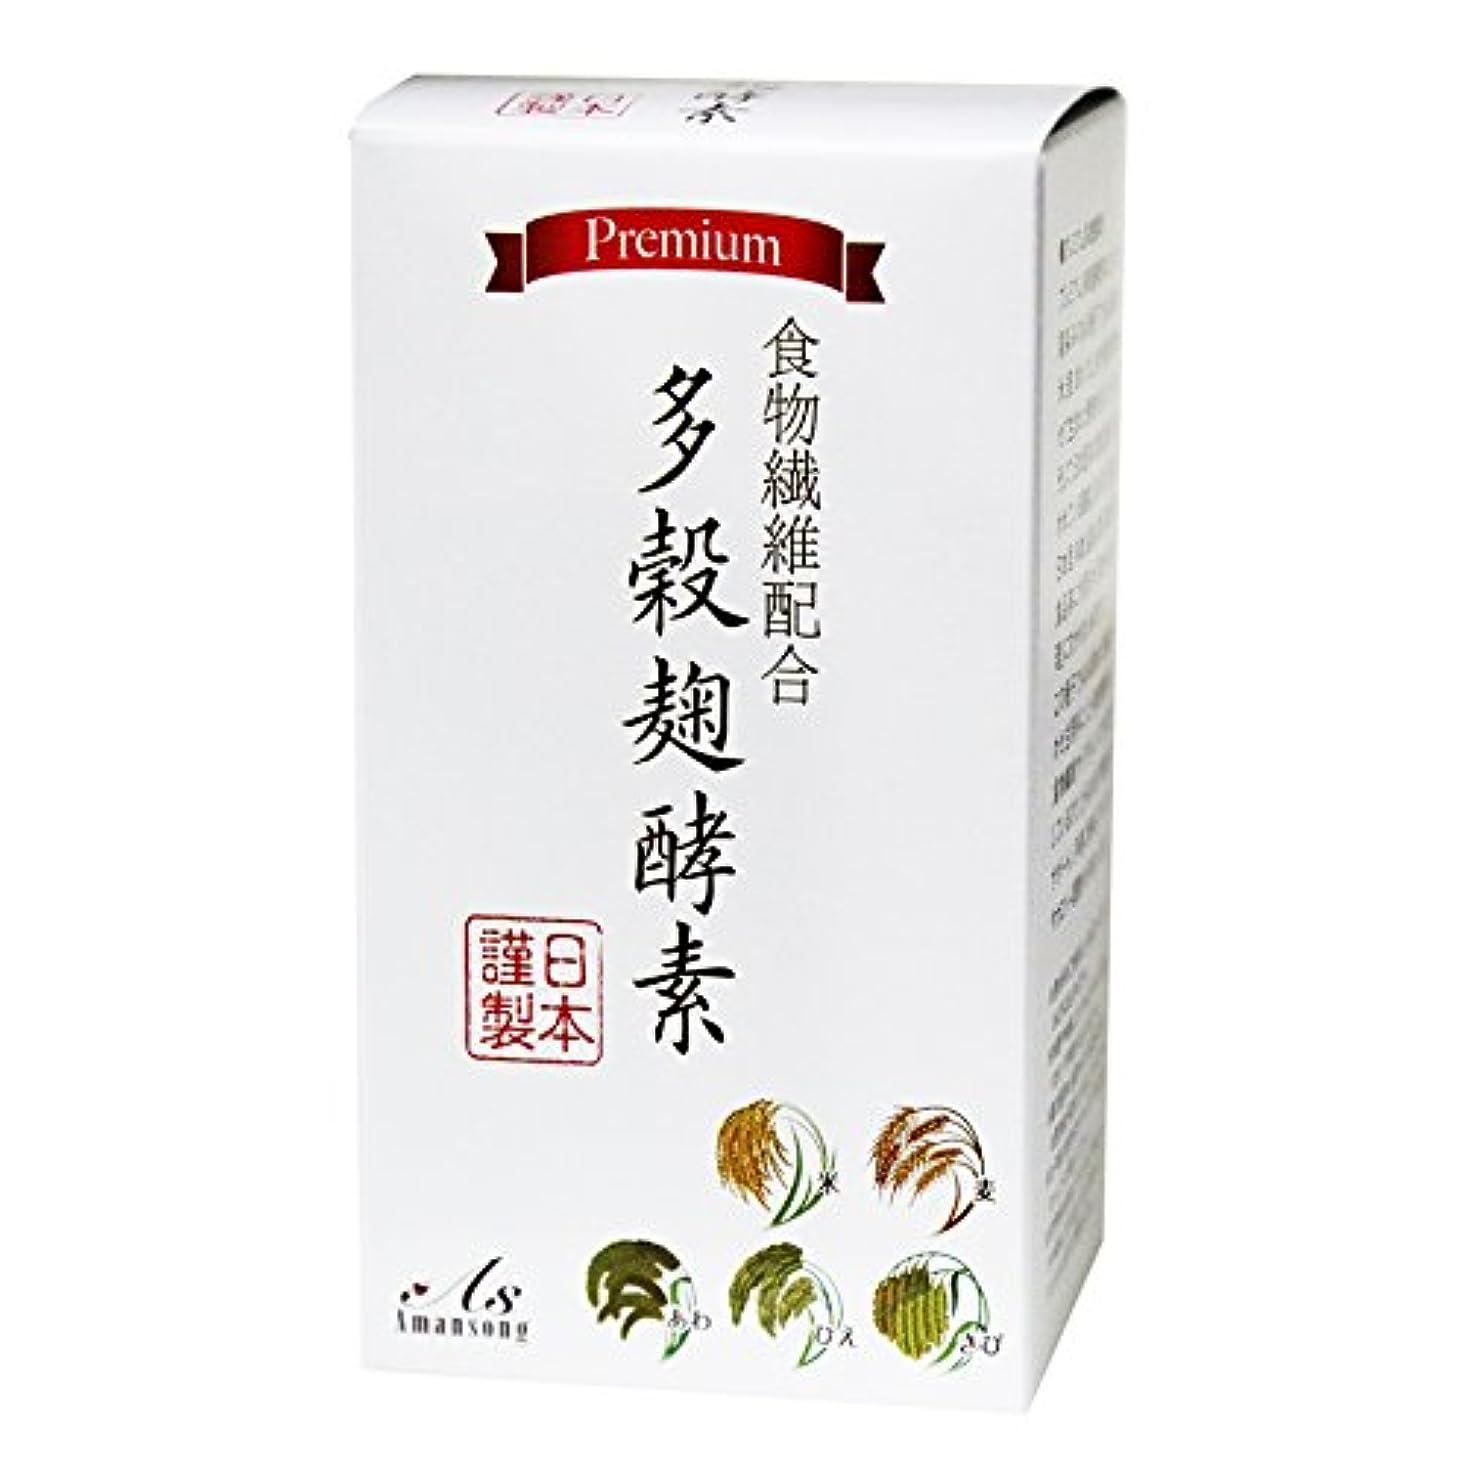 一杯アブセイ疫病A?S プレミアム多穀麹酵素  活きてる麹酵素 の配合量アップ 手軽に美味しくダイエットやカロリー調整をお手伝いします 30包入り